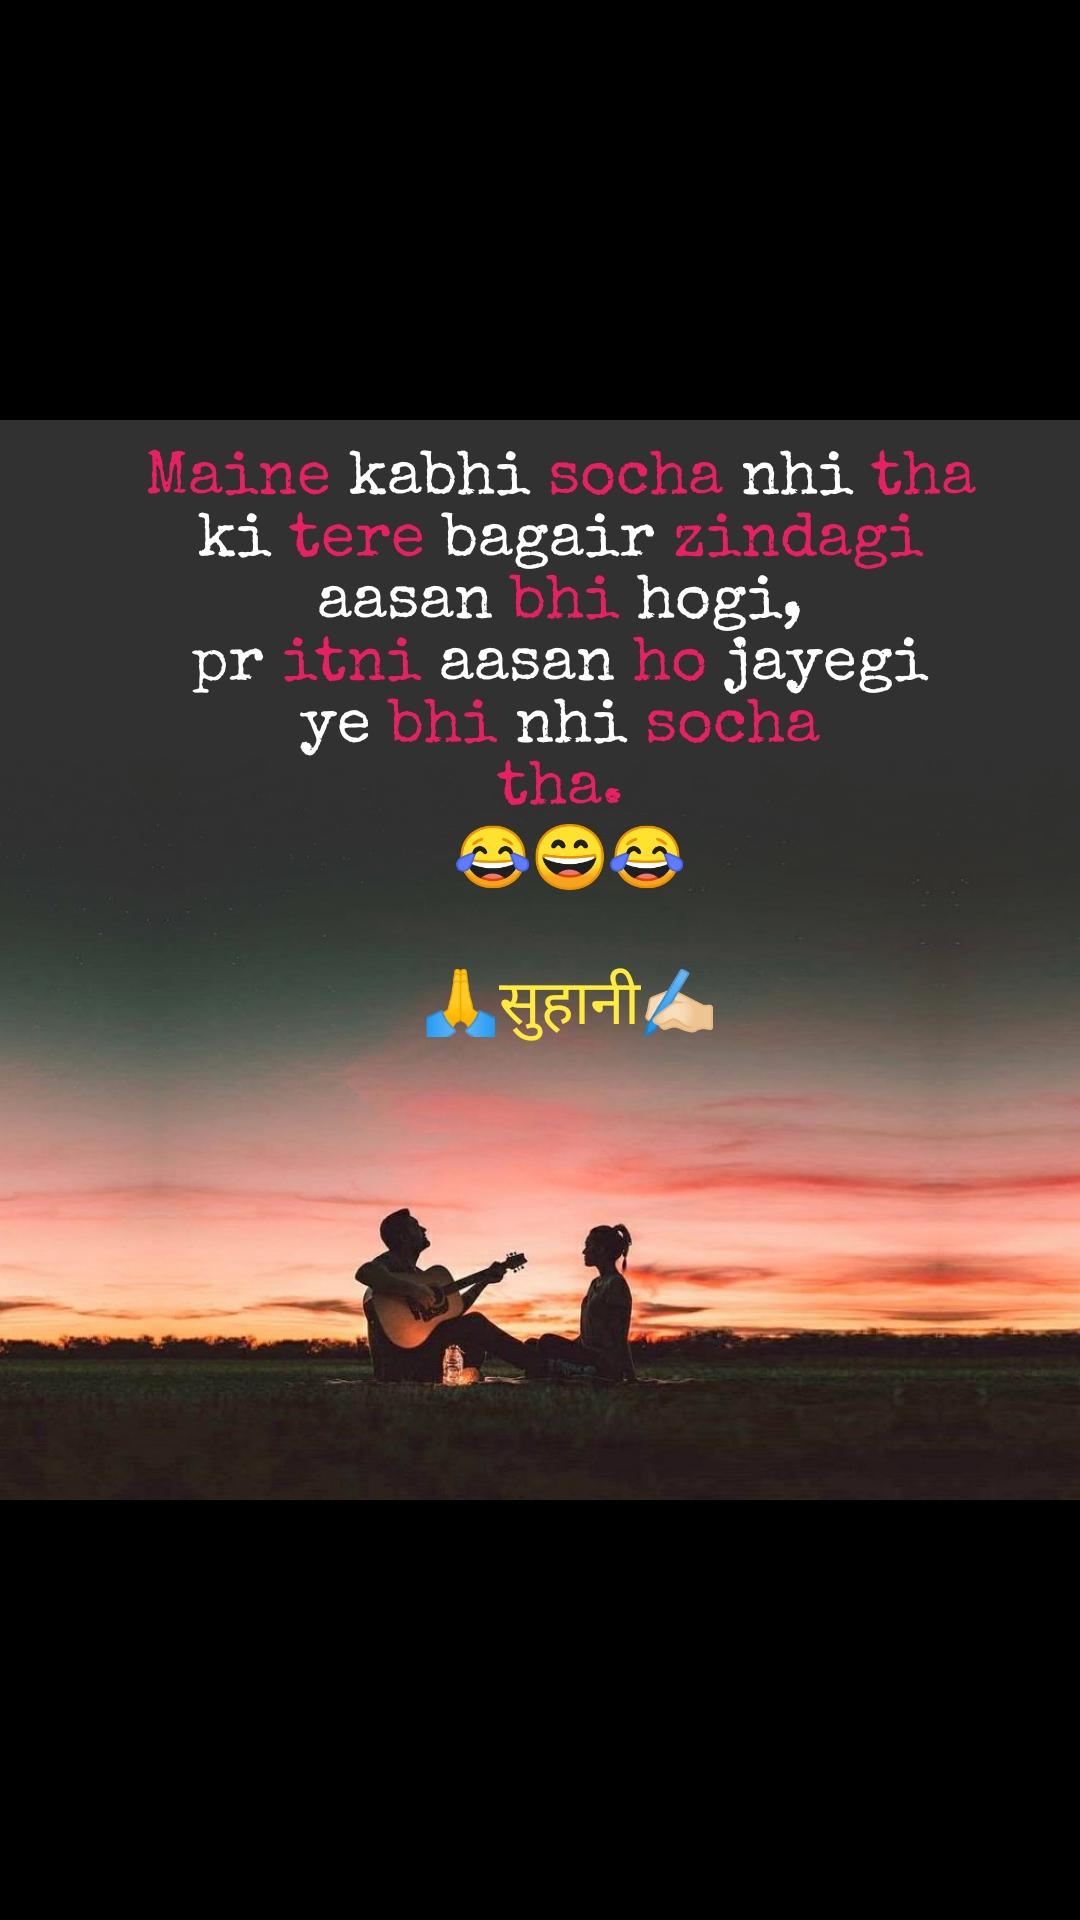 Maine kabhi socha nhi tha  ki tere bagair zindagi  aasan bhi hogi,  pr itni aasan ho jayegi  ye bhi nhi socha  tha.  😂😄😂  🙏सुहानी✍🏻